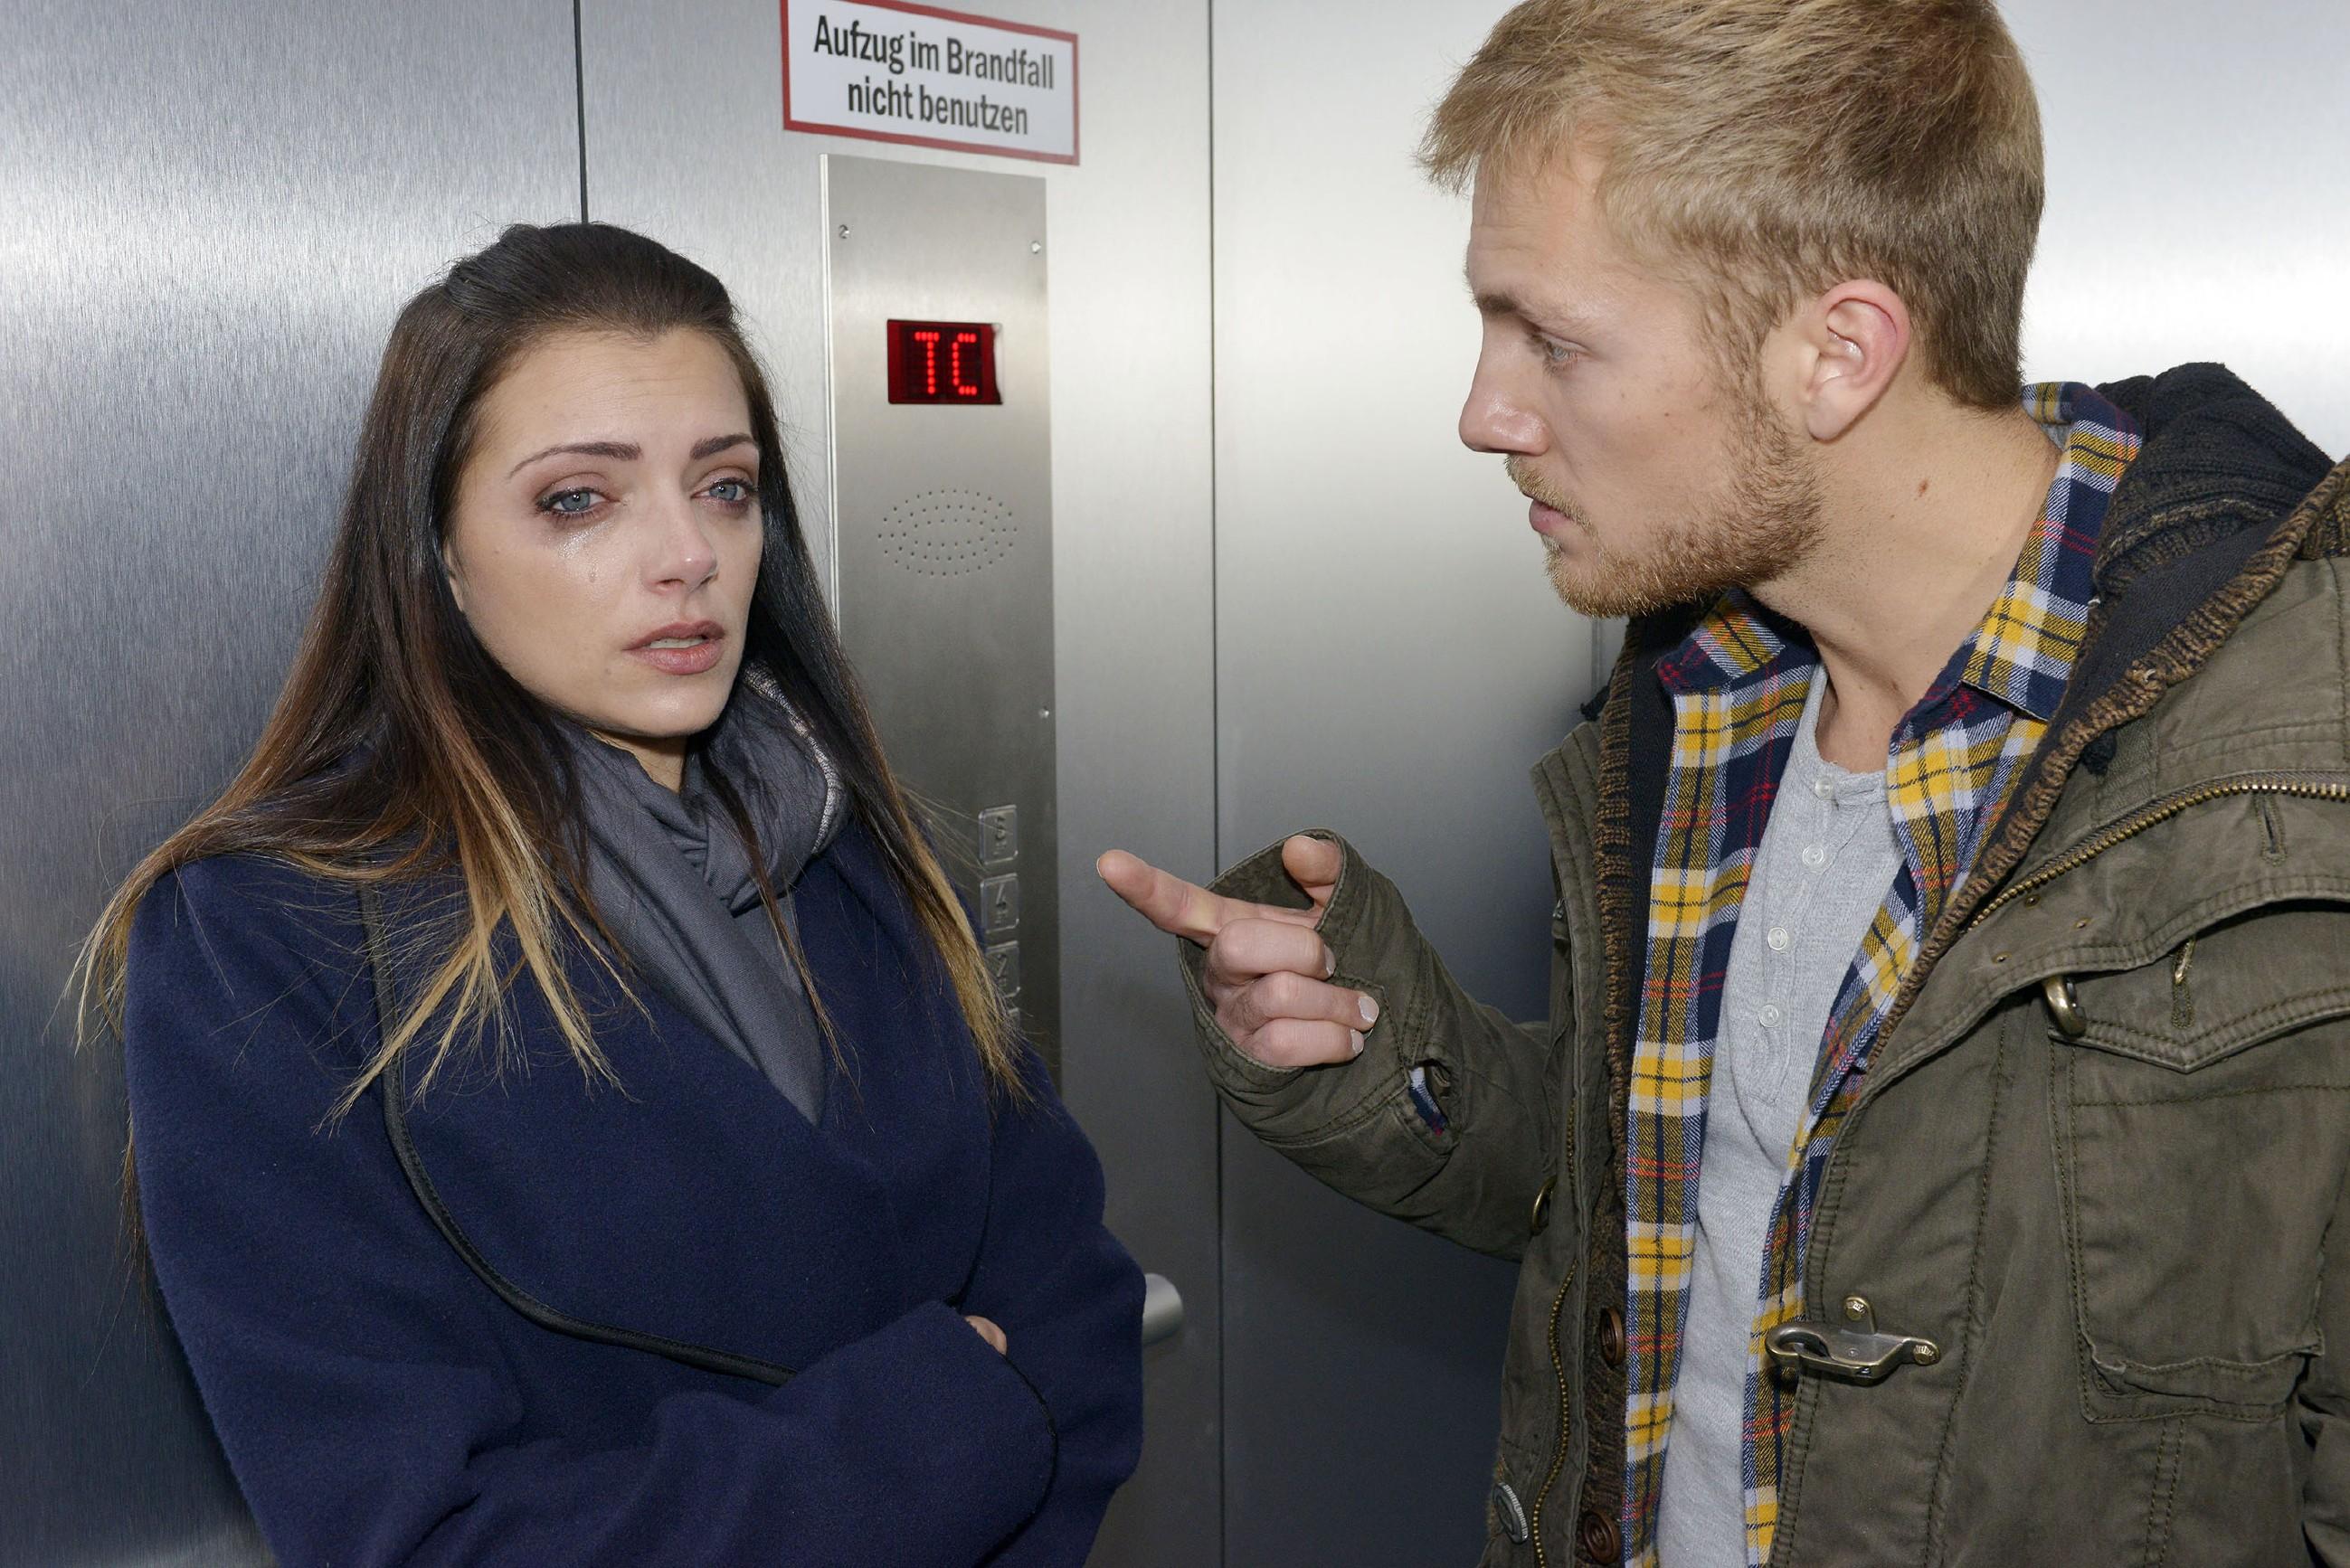 Als Emily (Anne Menden) von Paul (Niklas Osterloh) provoziert wird, reagiert sie unfreiwillig emotional... (Quelle: RTL / Rolf Baumgartner)